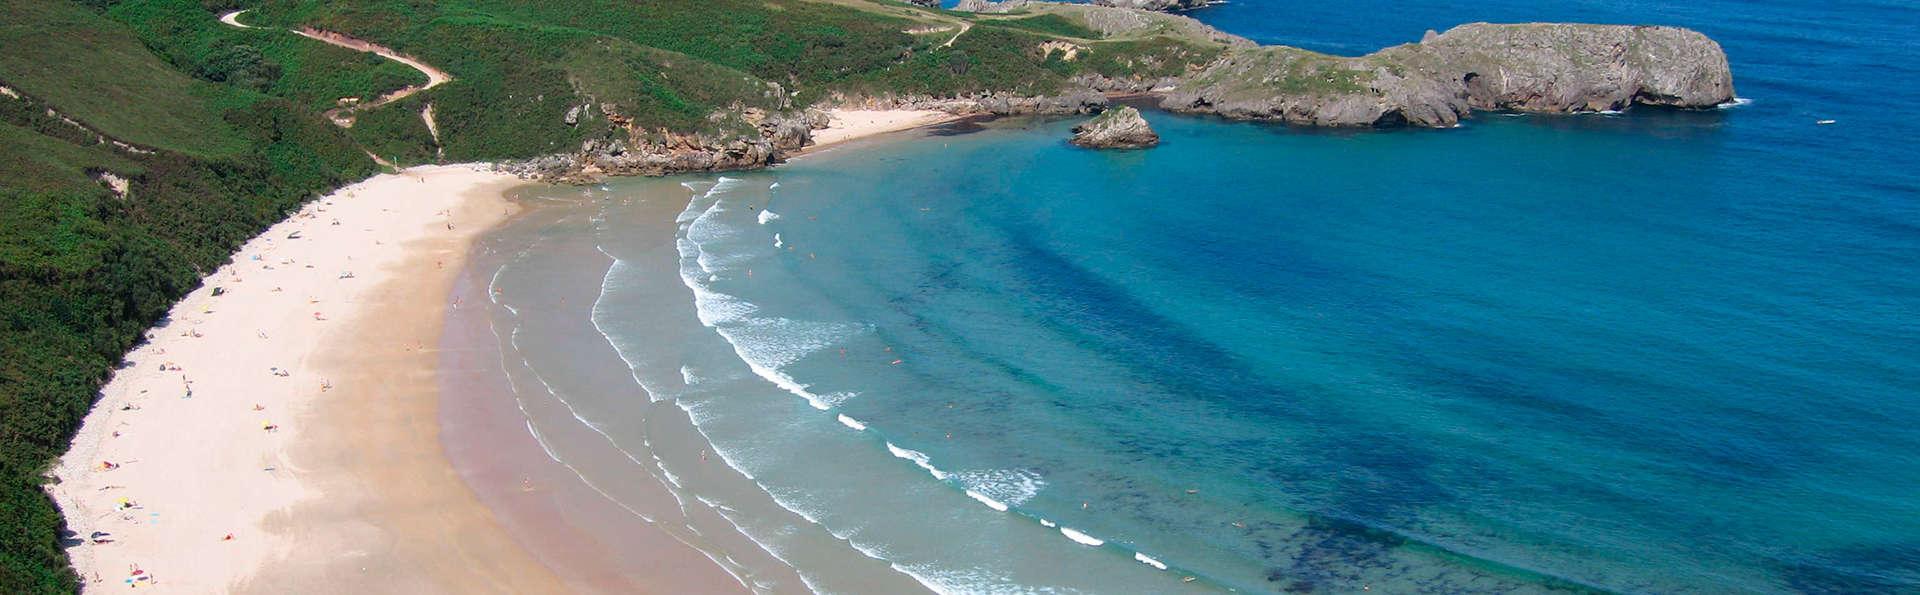 Escapada en Asturias divisando la playa de Barro